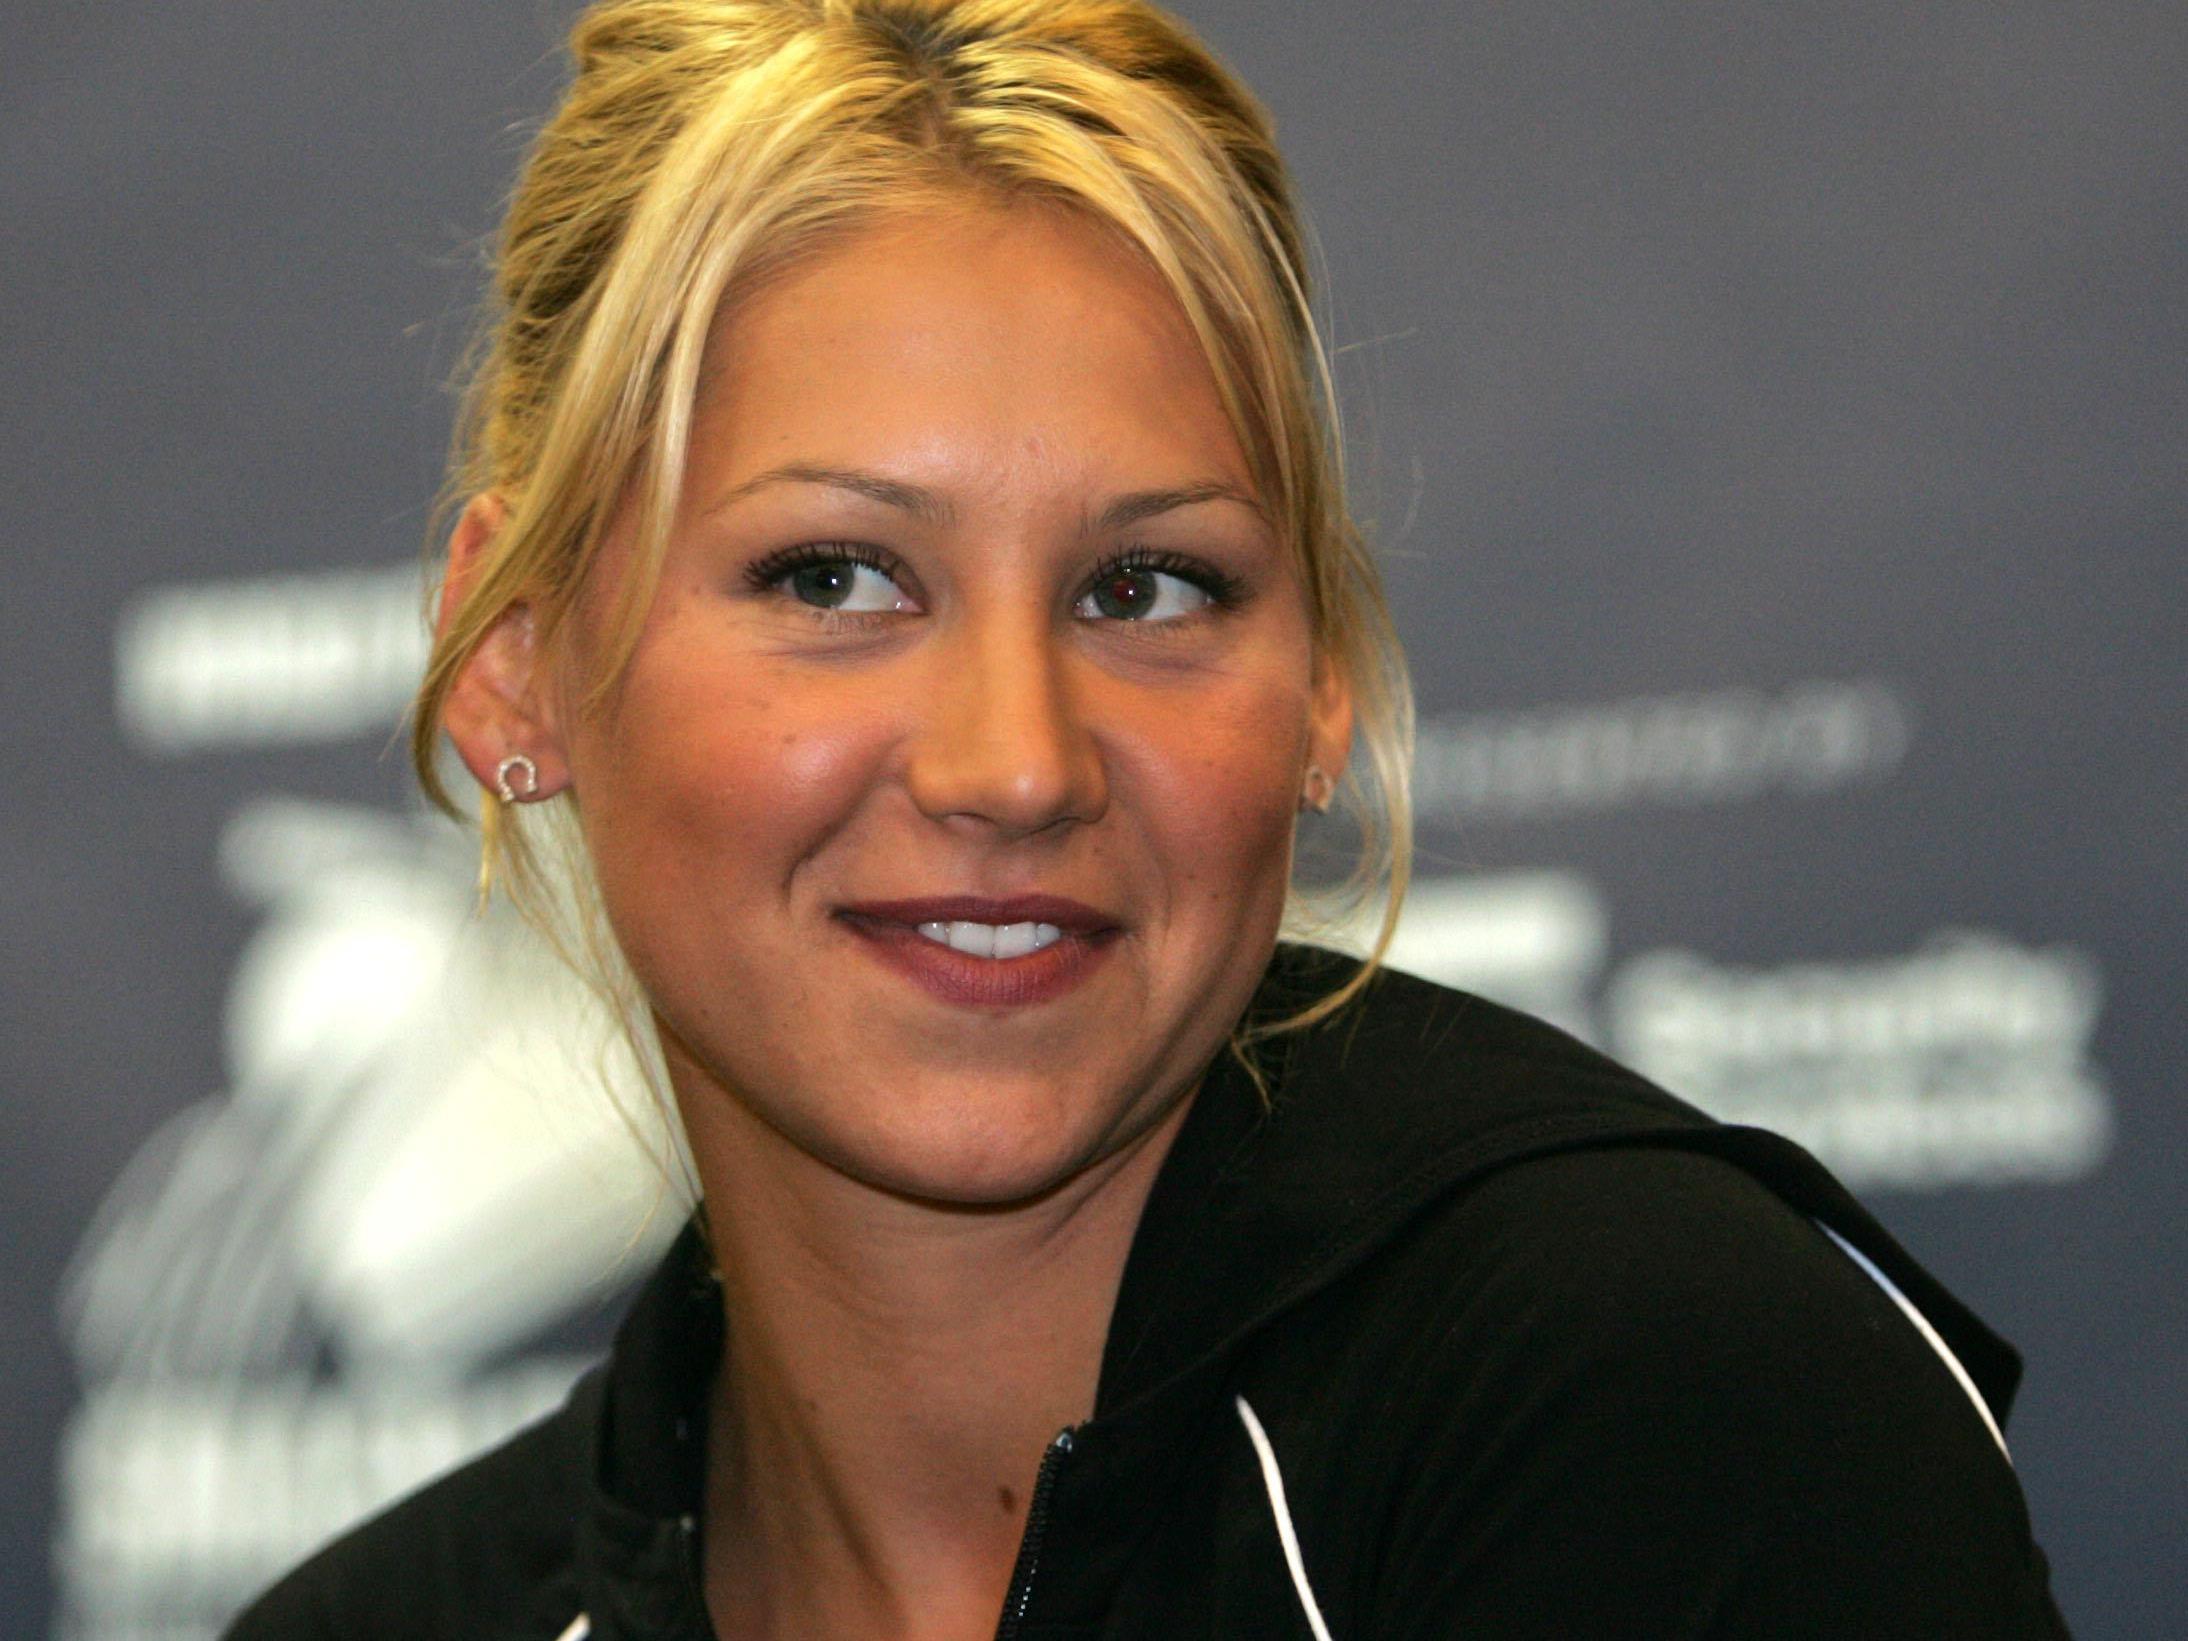 Schon während ihrer Karriere war Anna Kournikova ein echter Hingucker.